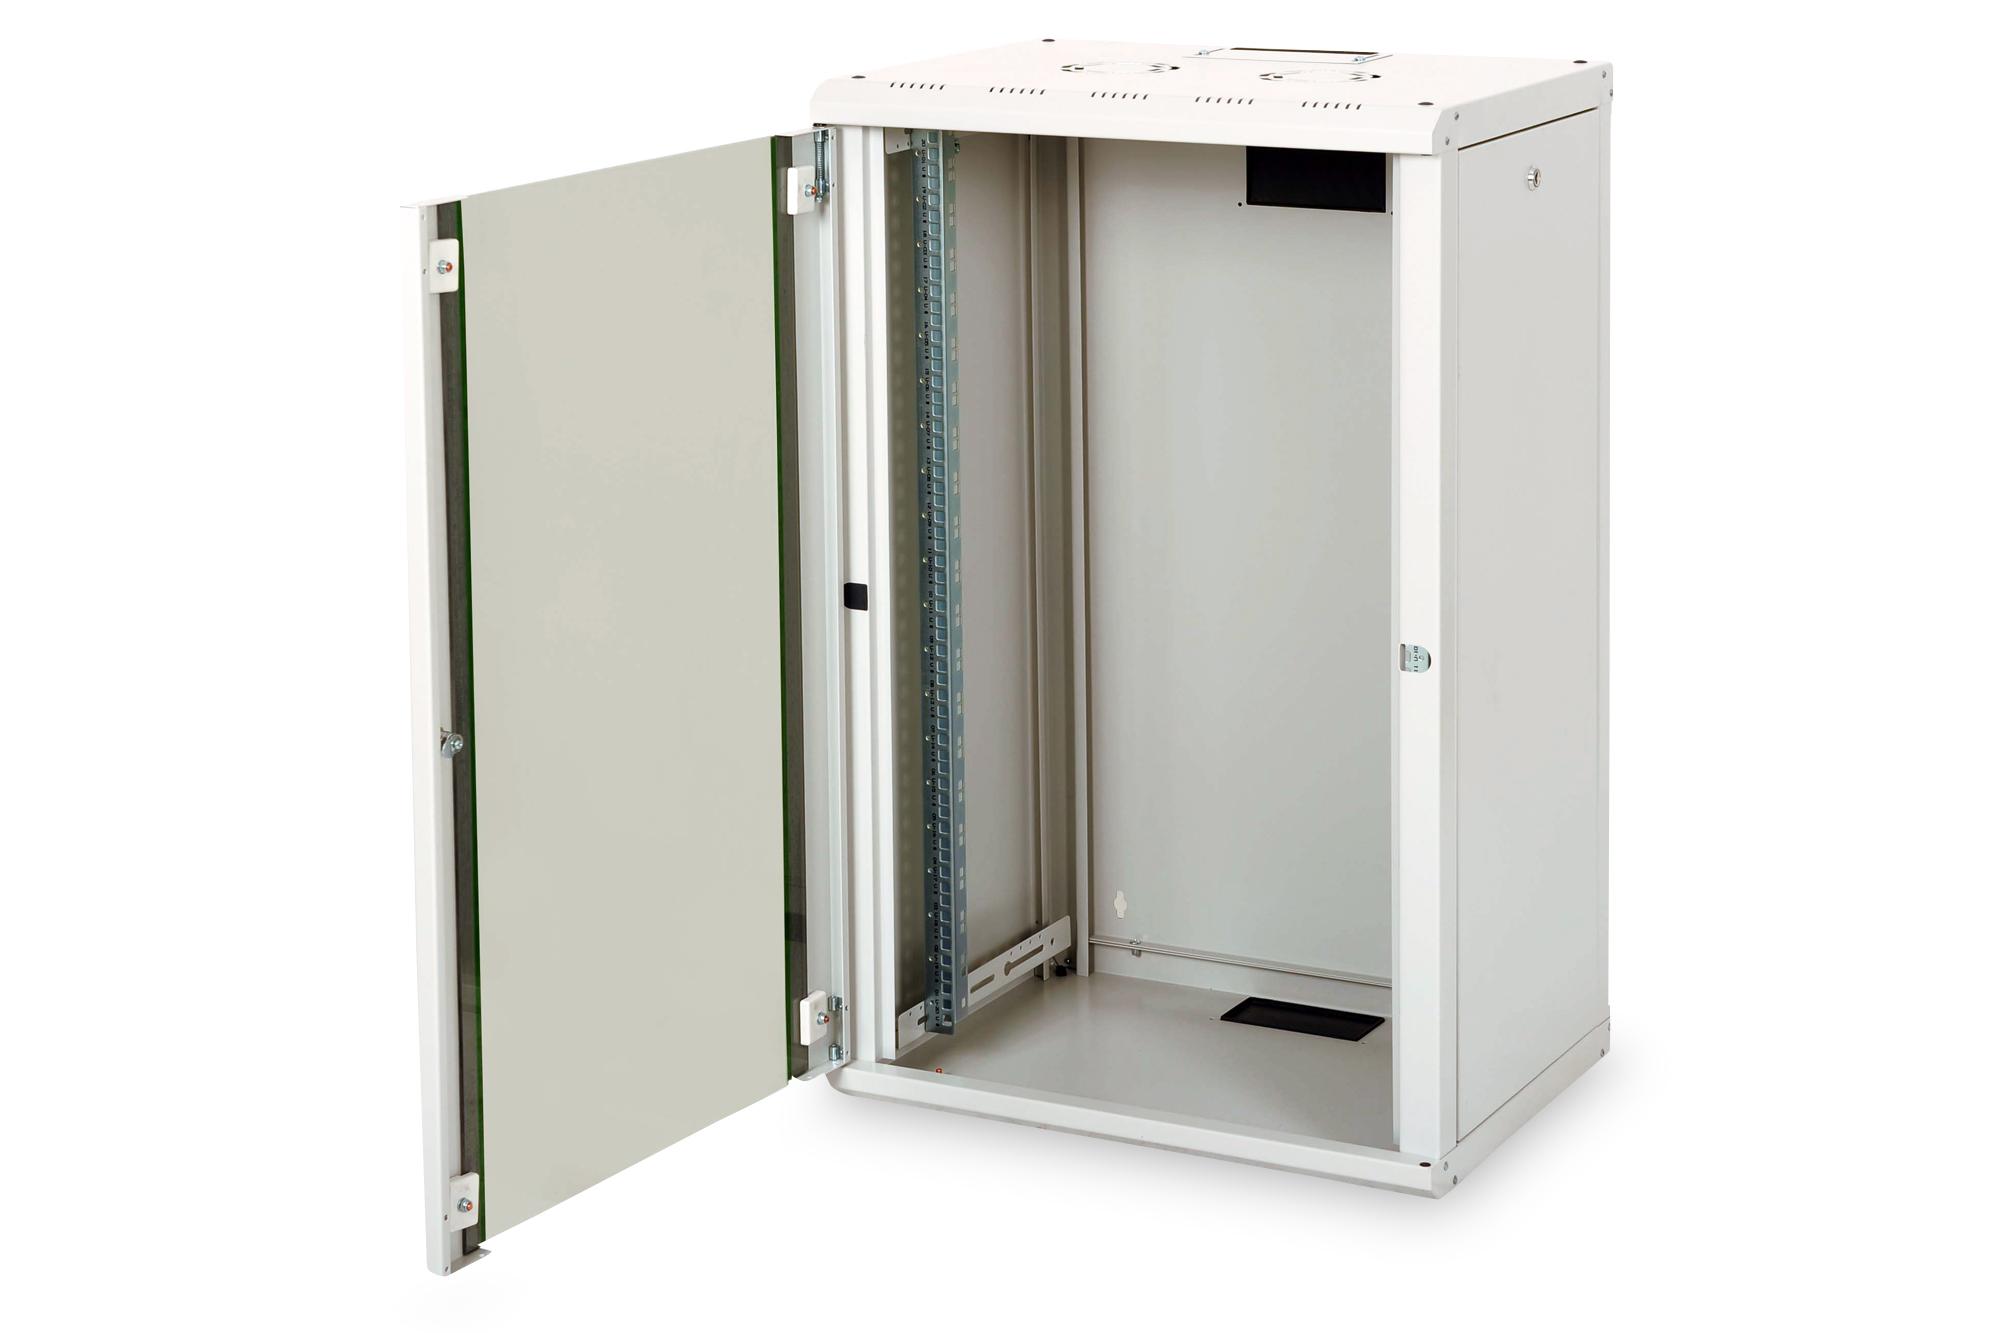 Armadio 20 unita' da muro linea soho (a)998 x (l)600 x (p)450 mm. colore grigio chiaro